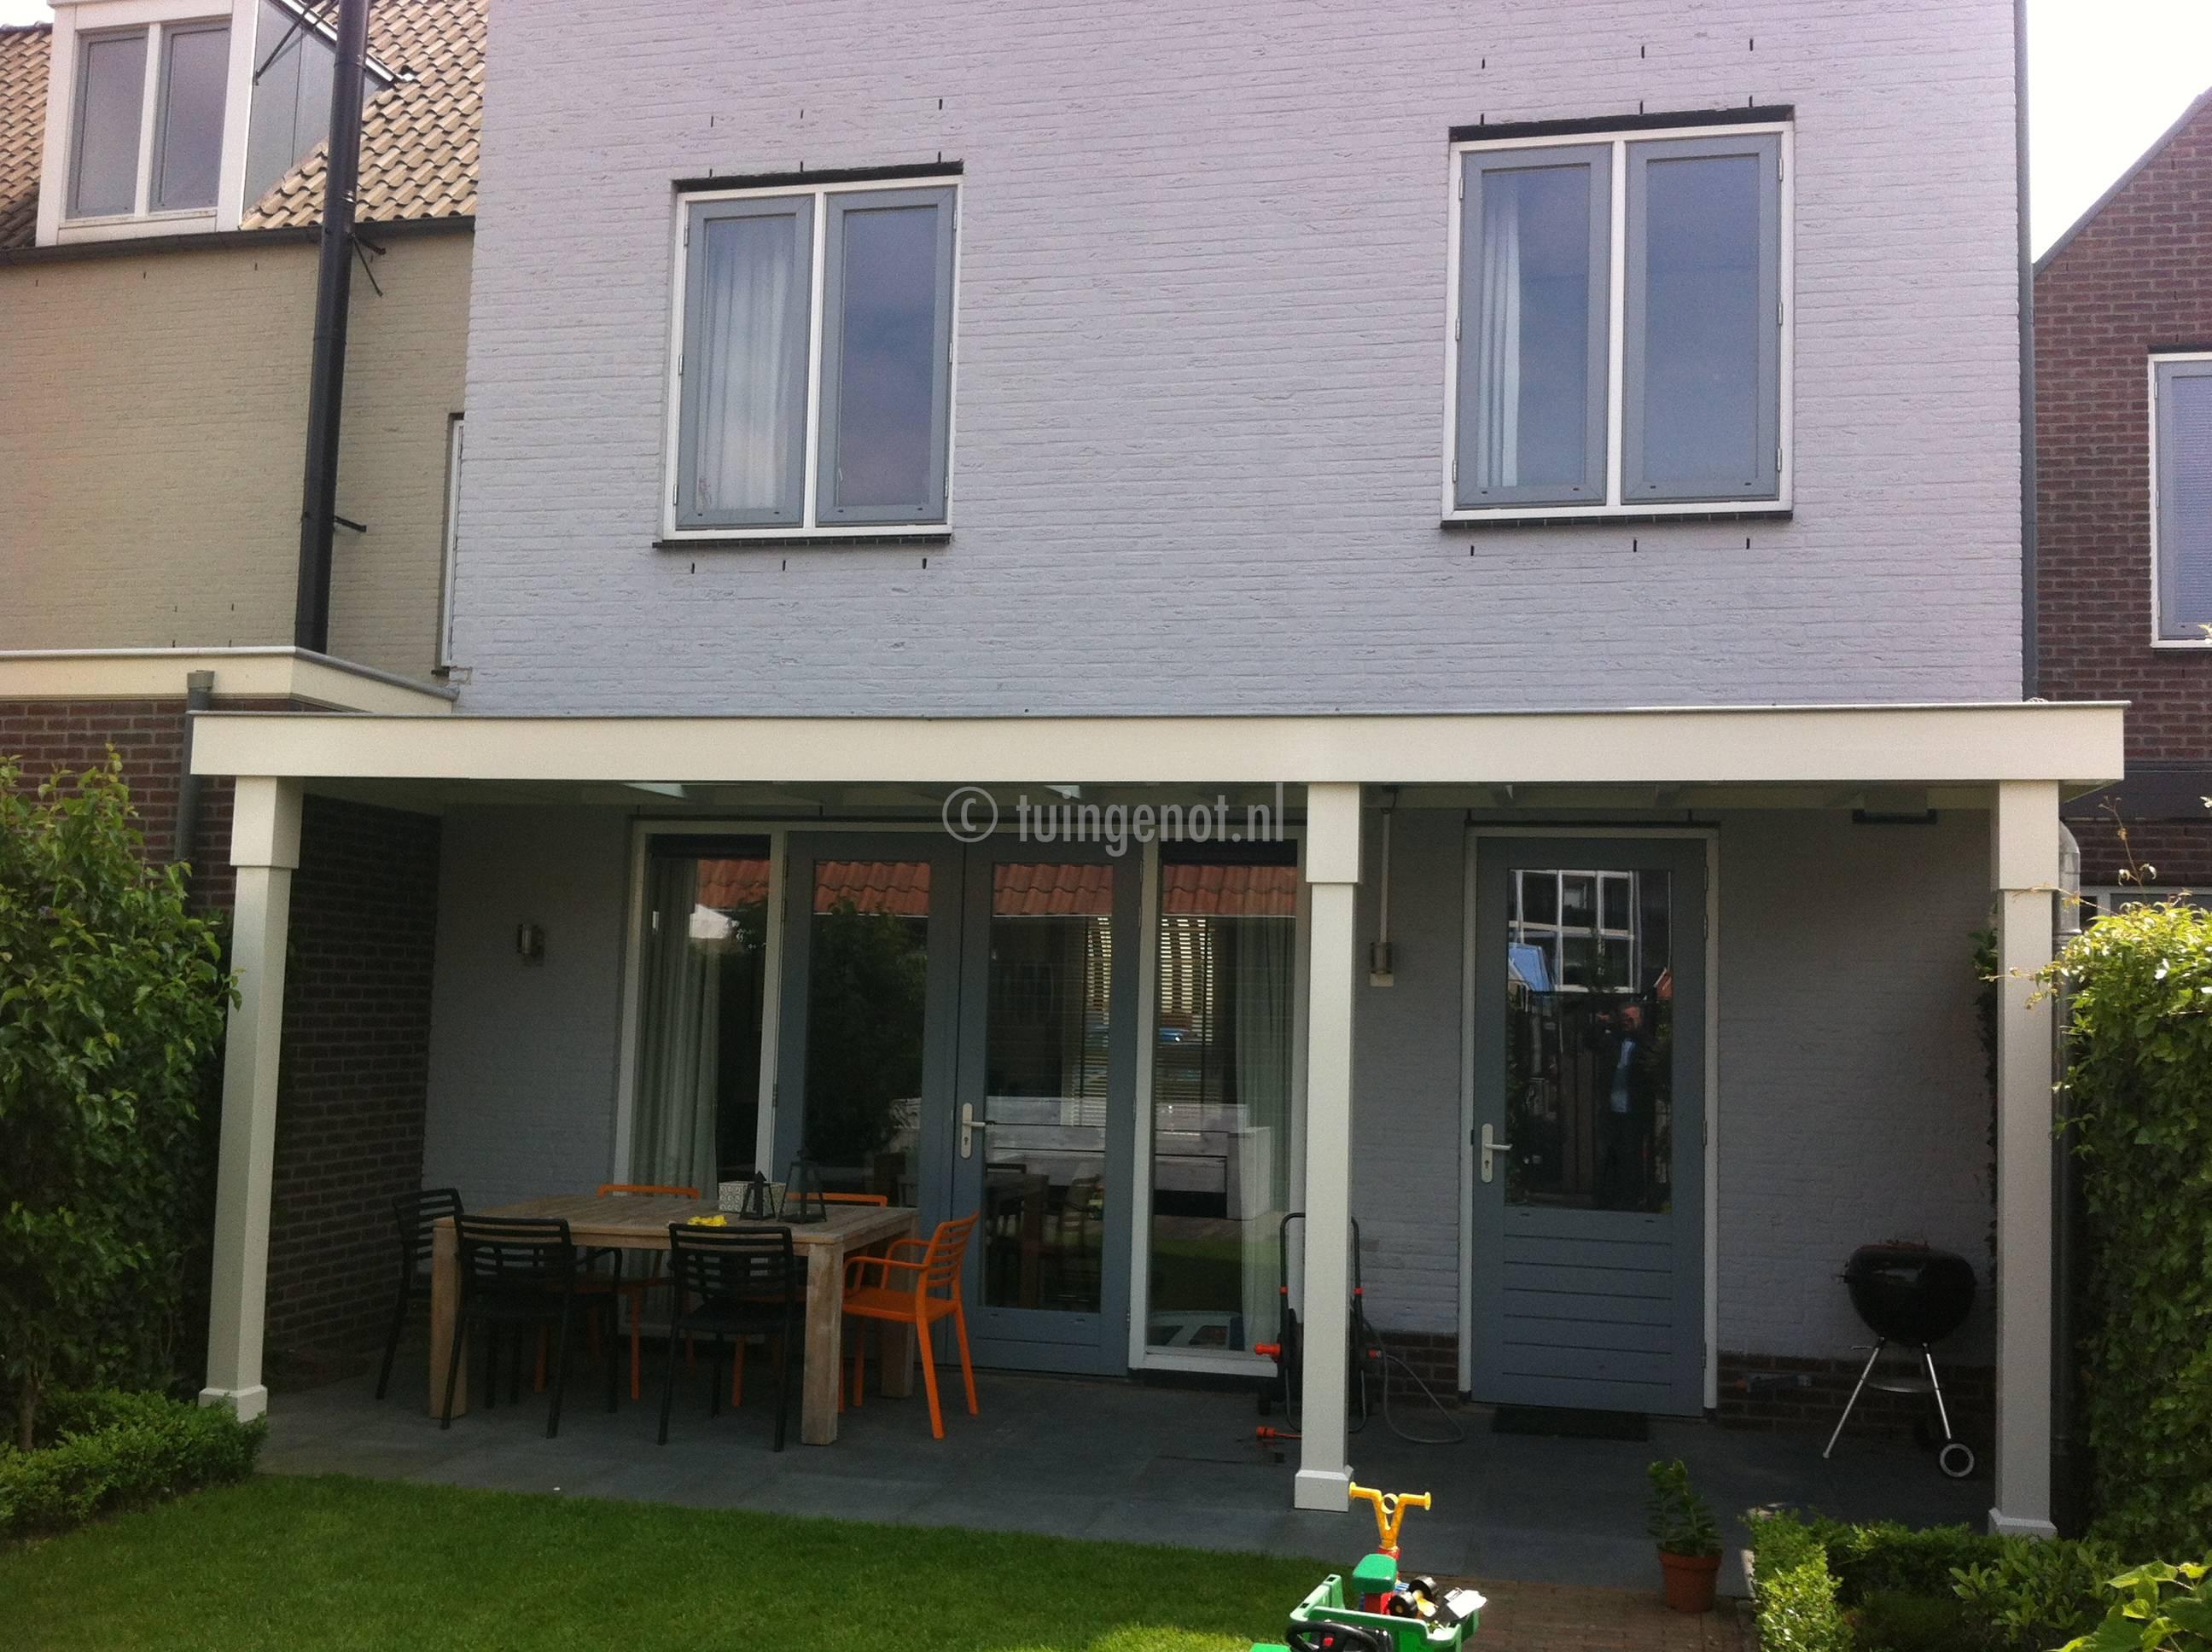 Tuingenot hardhouten veranda van tuingenot daksingels for Houten veranda